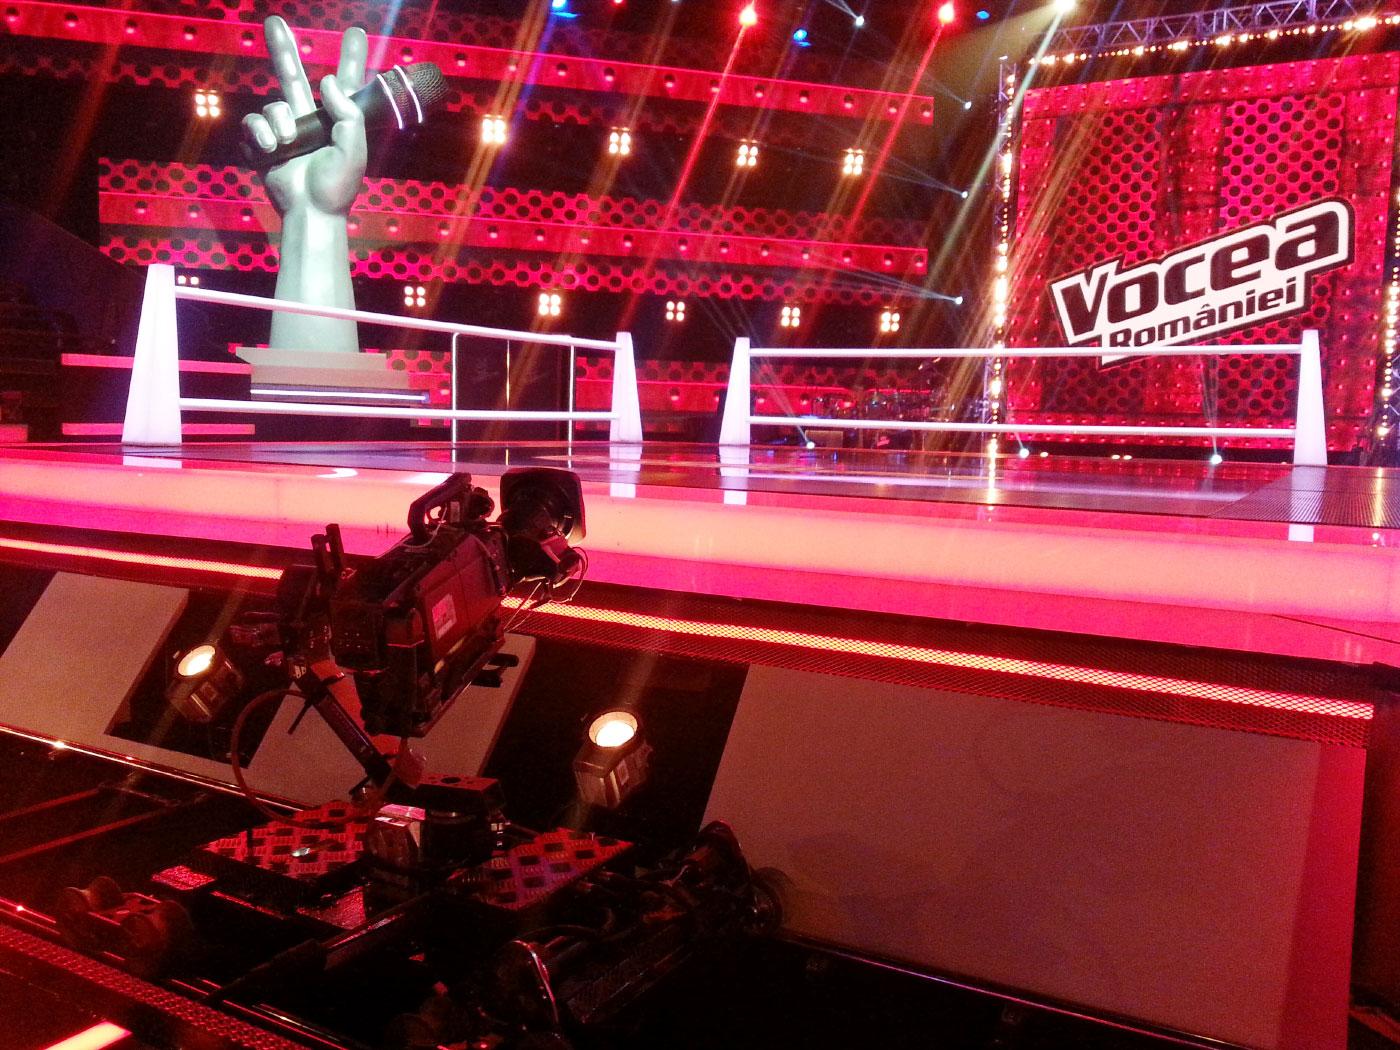 VOCEA ROMANIEI 2014 - PRO TV